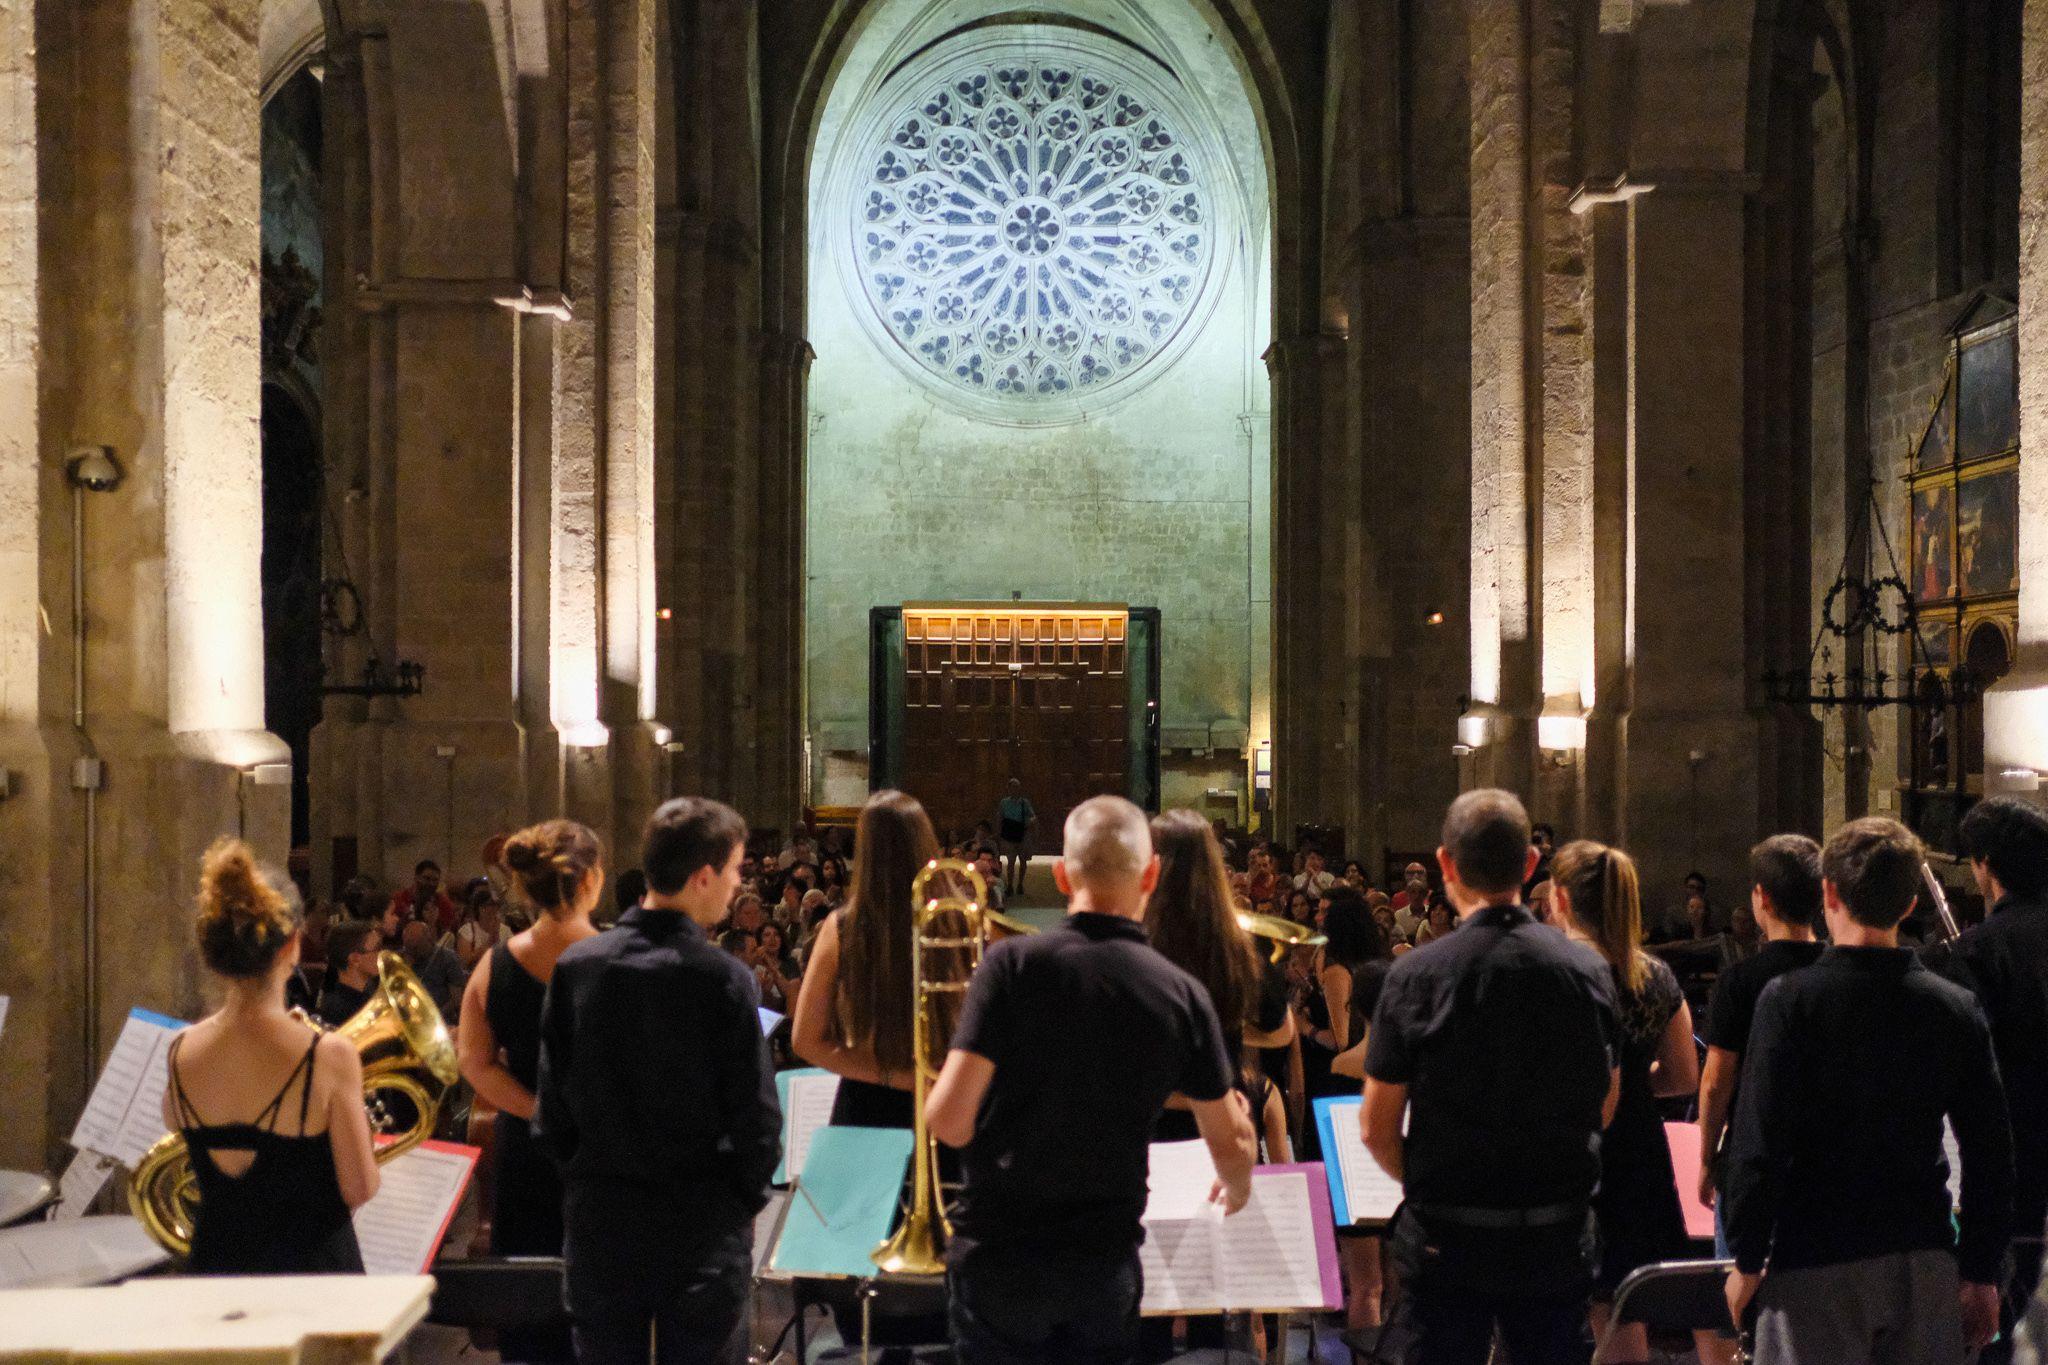 Concert de l'Orquestra Simfònica Fusió Sant Cugat. Foto: Alex Gomez